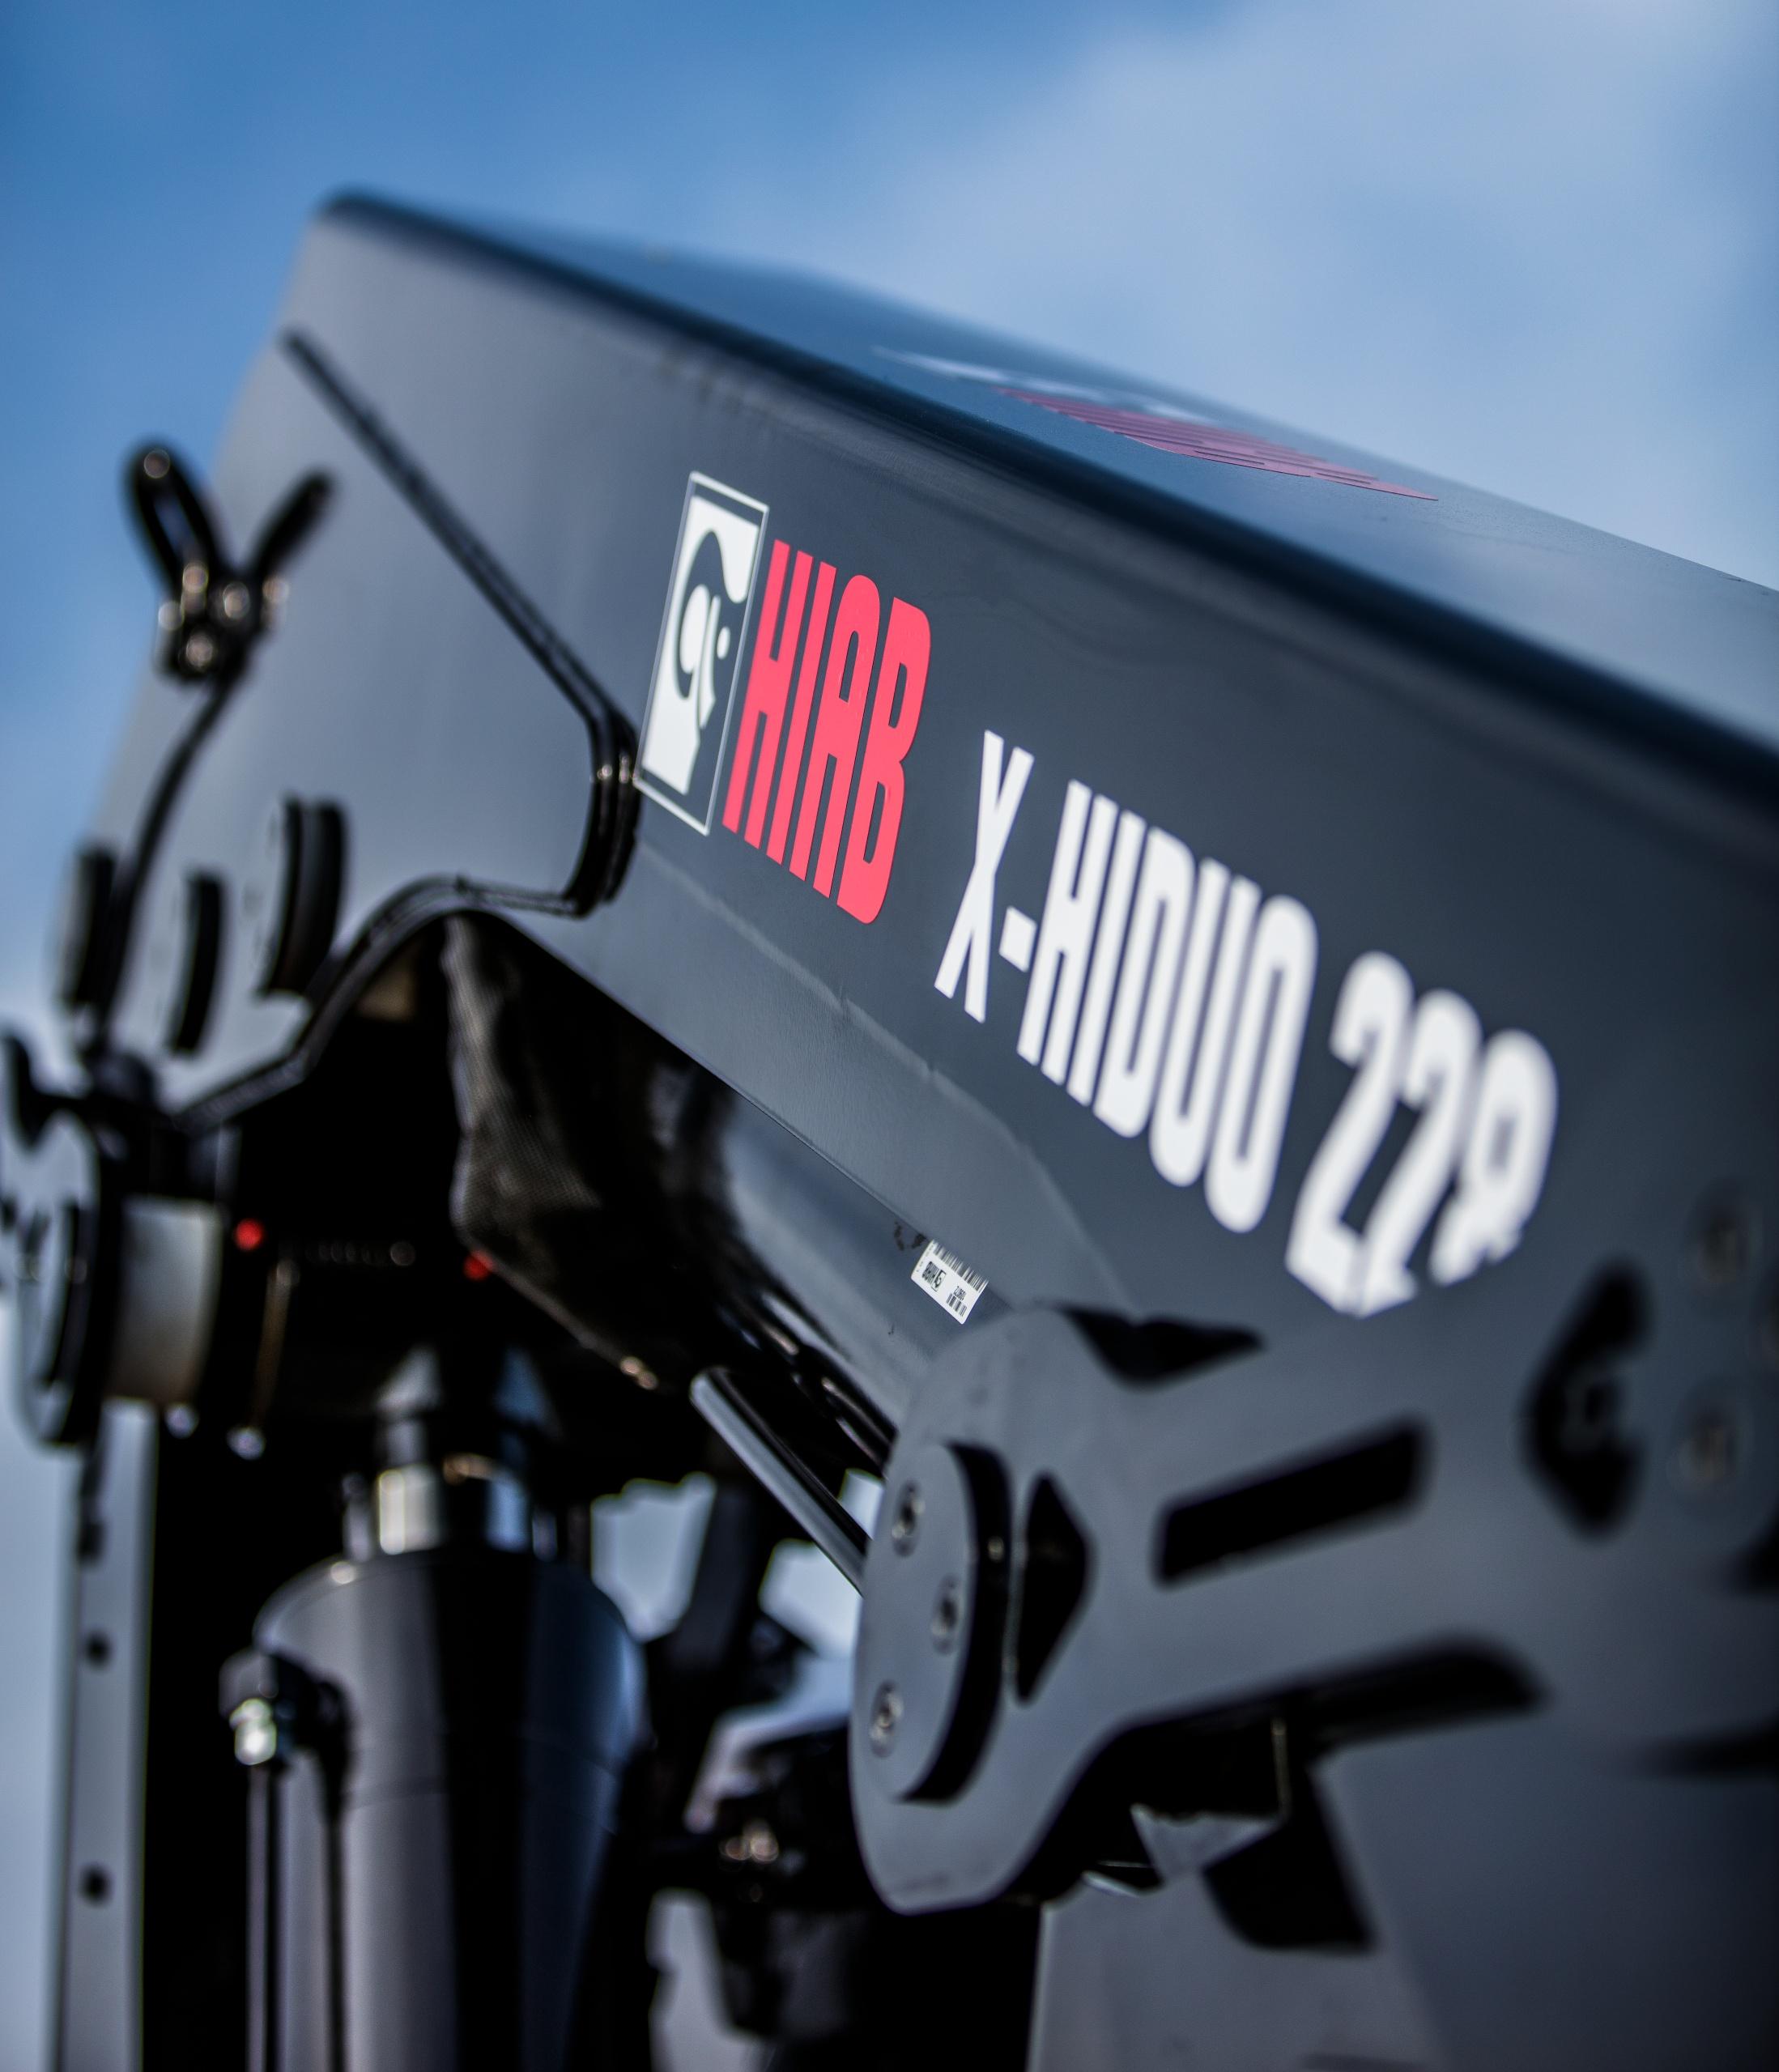 HIAB X-HIDUO 228 & X-HIPRO 232